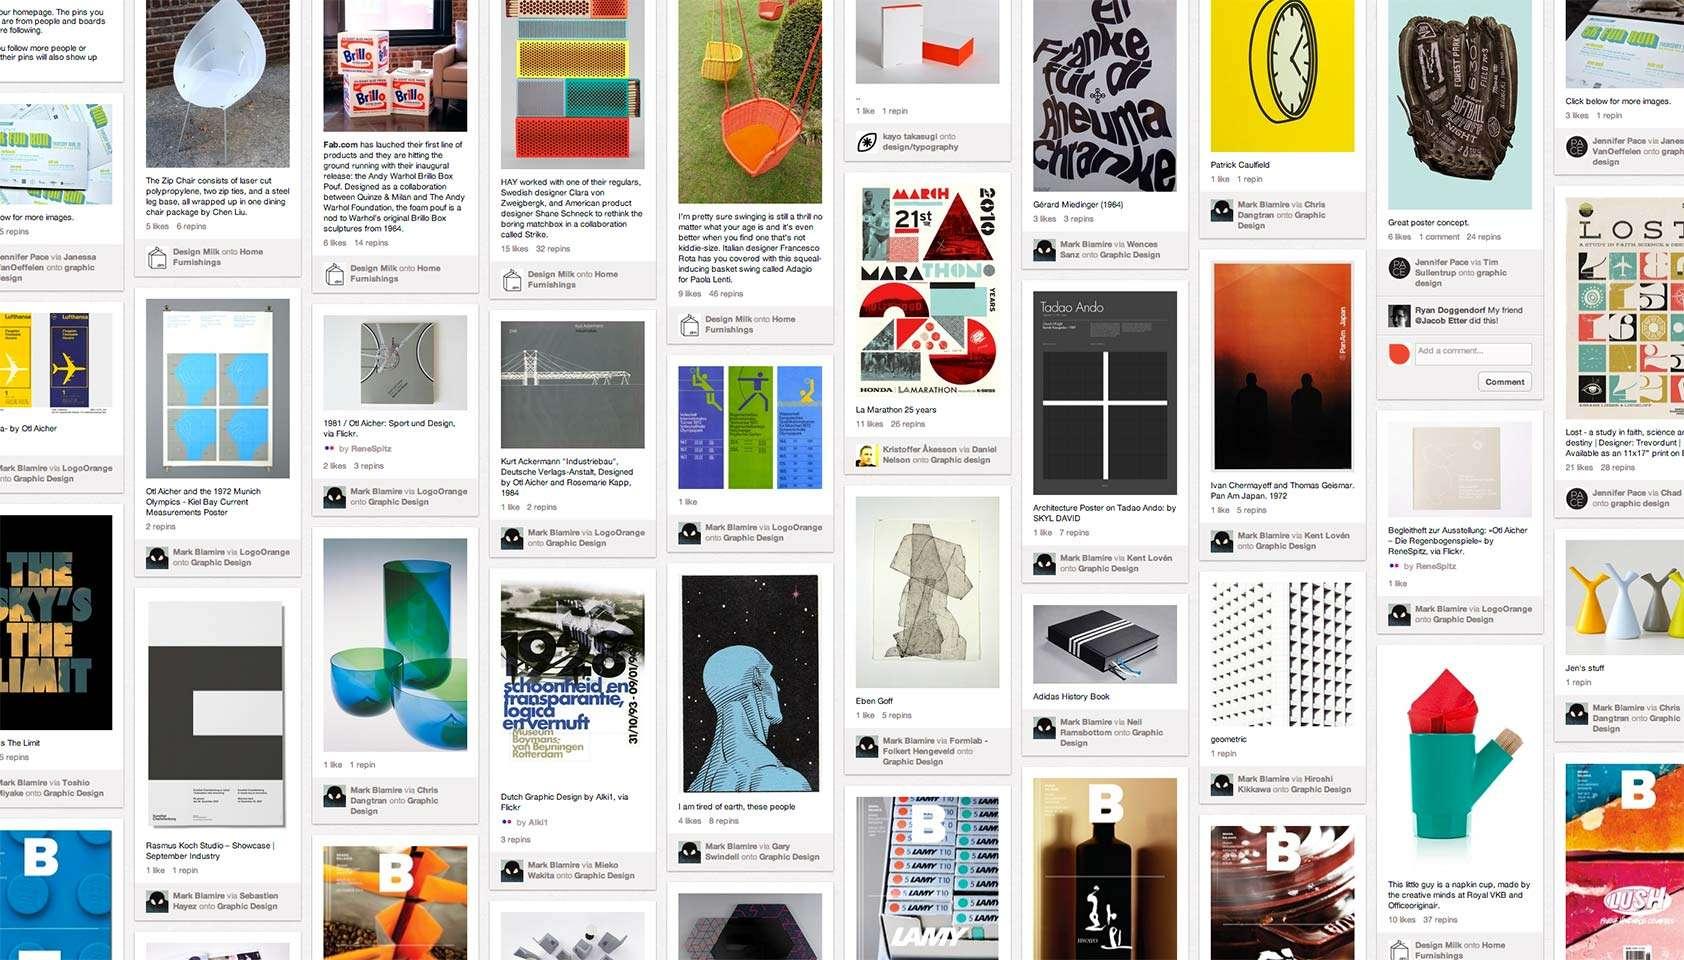 Social Media For Designers: Pinterest